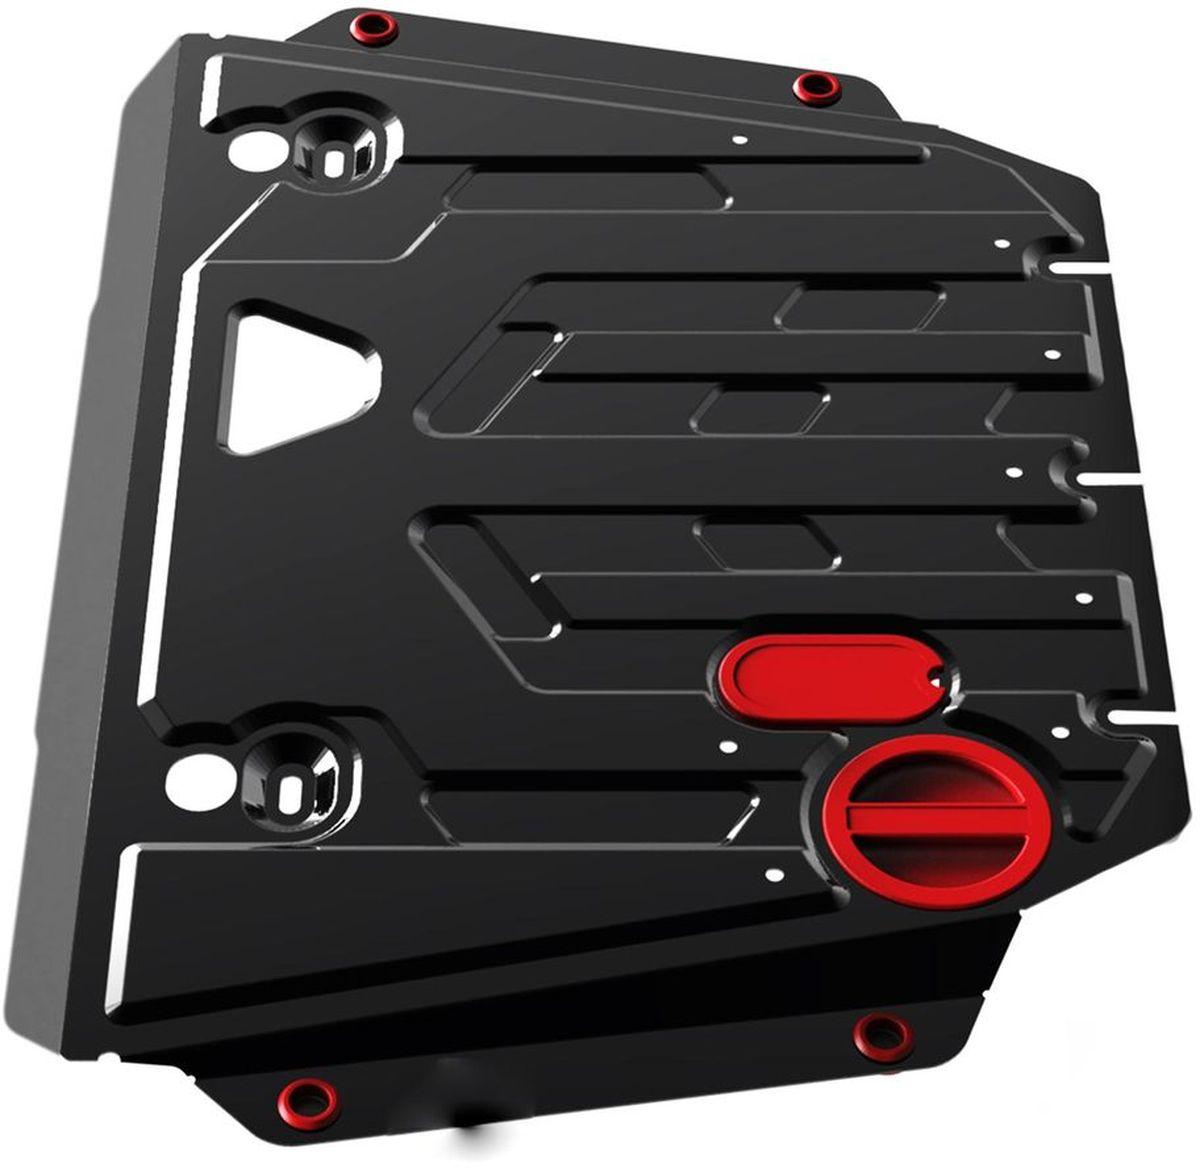 Защита картера и КПП Автоброня, для Ford Ecosport, V - 1,6; 2,0 (2014-)111.01852.1Технологически совершенный продукт за невысокую стоимость. Защита разработана с учетом особенностей днища автомобиля, что позволяет сохранить дорожный просвет с минимальным изменением. Защита устанавливается в штатные места кузова автомобиля. Глубокий штамп обеспечивает до двух раз больше жесткости в сравнении с обычной защитой той же толщины. Проштампованные ребра жесткости препятствуют деформации защиты при ударах. Тепловой зазор и вентиляционные отверстия обеспечивают сохранение температурного режима двигателя в норме. Скрытый крепеж предотвращает срыв крепежных элементов при наезде на препятствие. Шумопоглощающие резиновые элементы обеспечивают комфортную езду без вибраций и скрежета металла, а съемные лючки для слива масла и замены фильтра - экономию средств и время. Конструкция изделия не влияет на пассивную безопасность автомобиля (при ударе защита не воздействует на деформационные зоны кузова). Со штатным крепежом. В комплекте инструкция по установке....